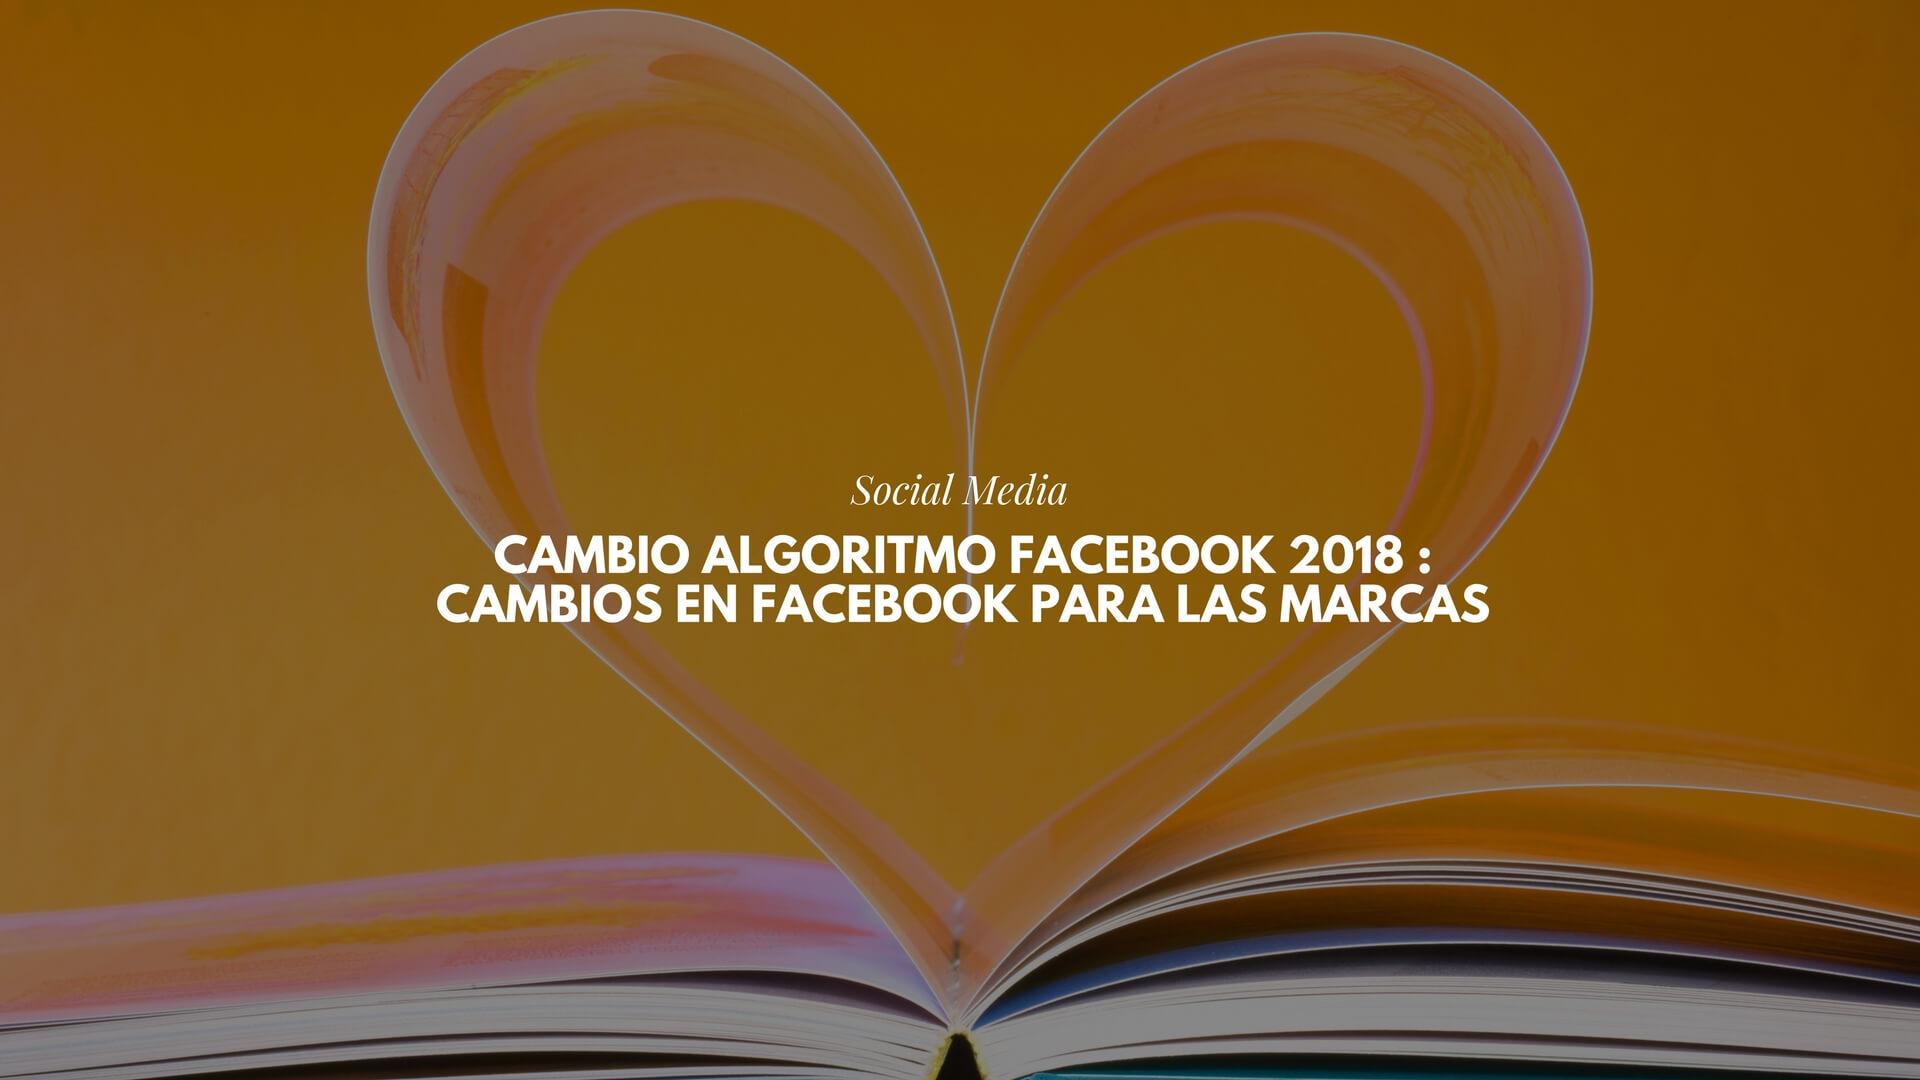 Cambio algoritmo Facebook 2018 : cambios en Facebook para las marcas